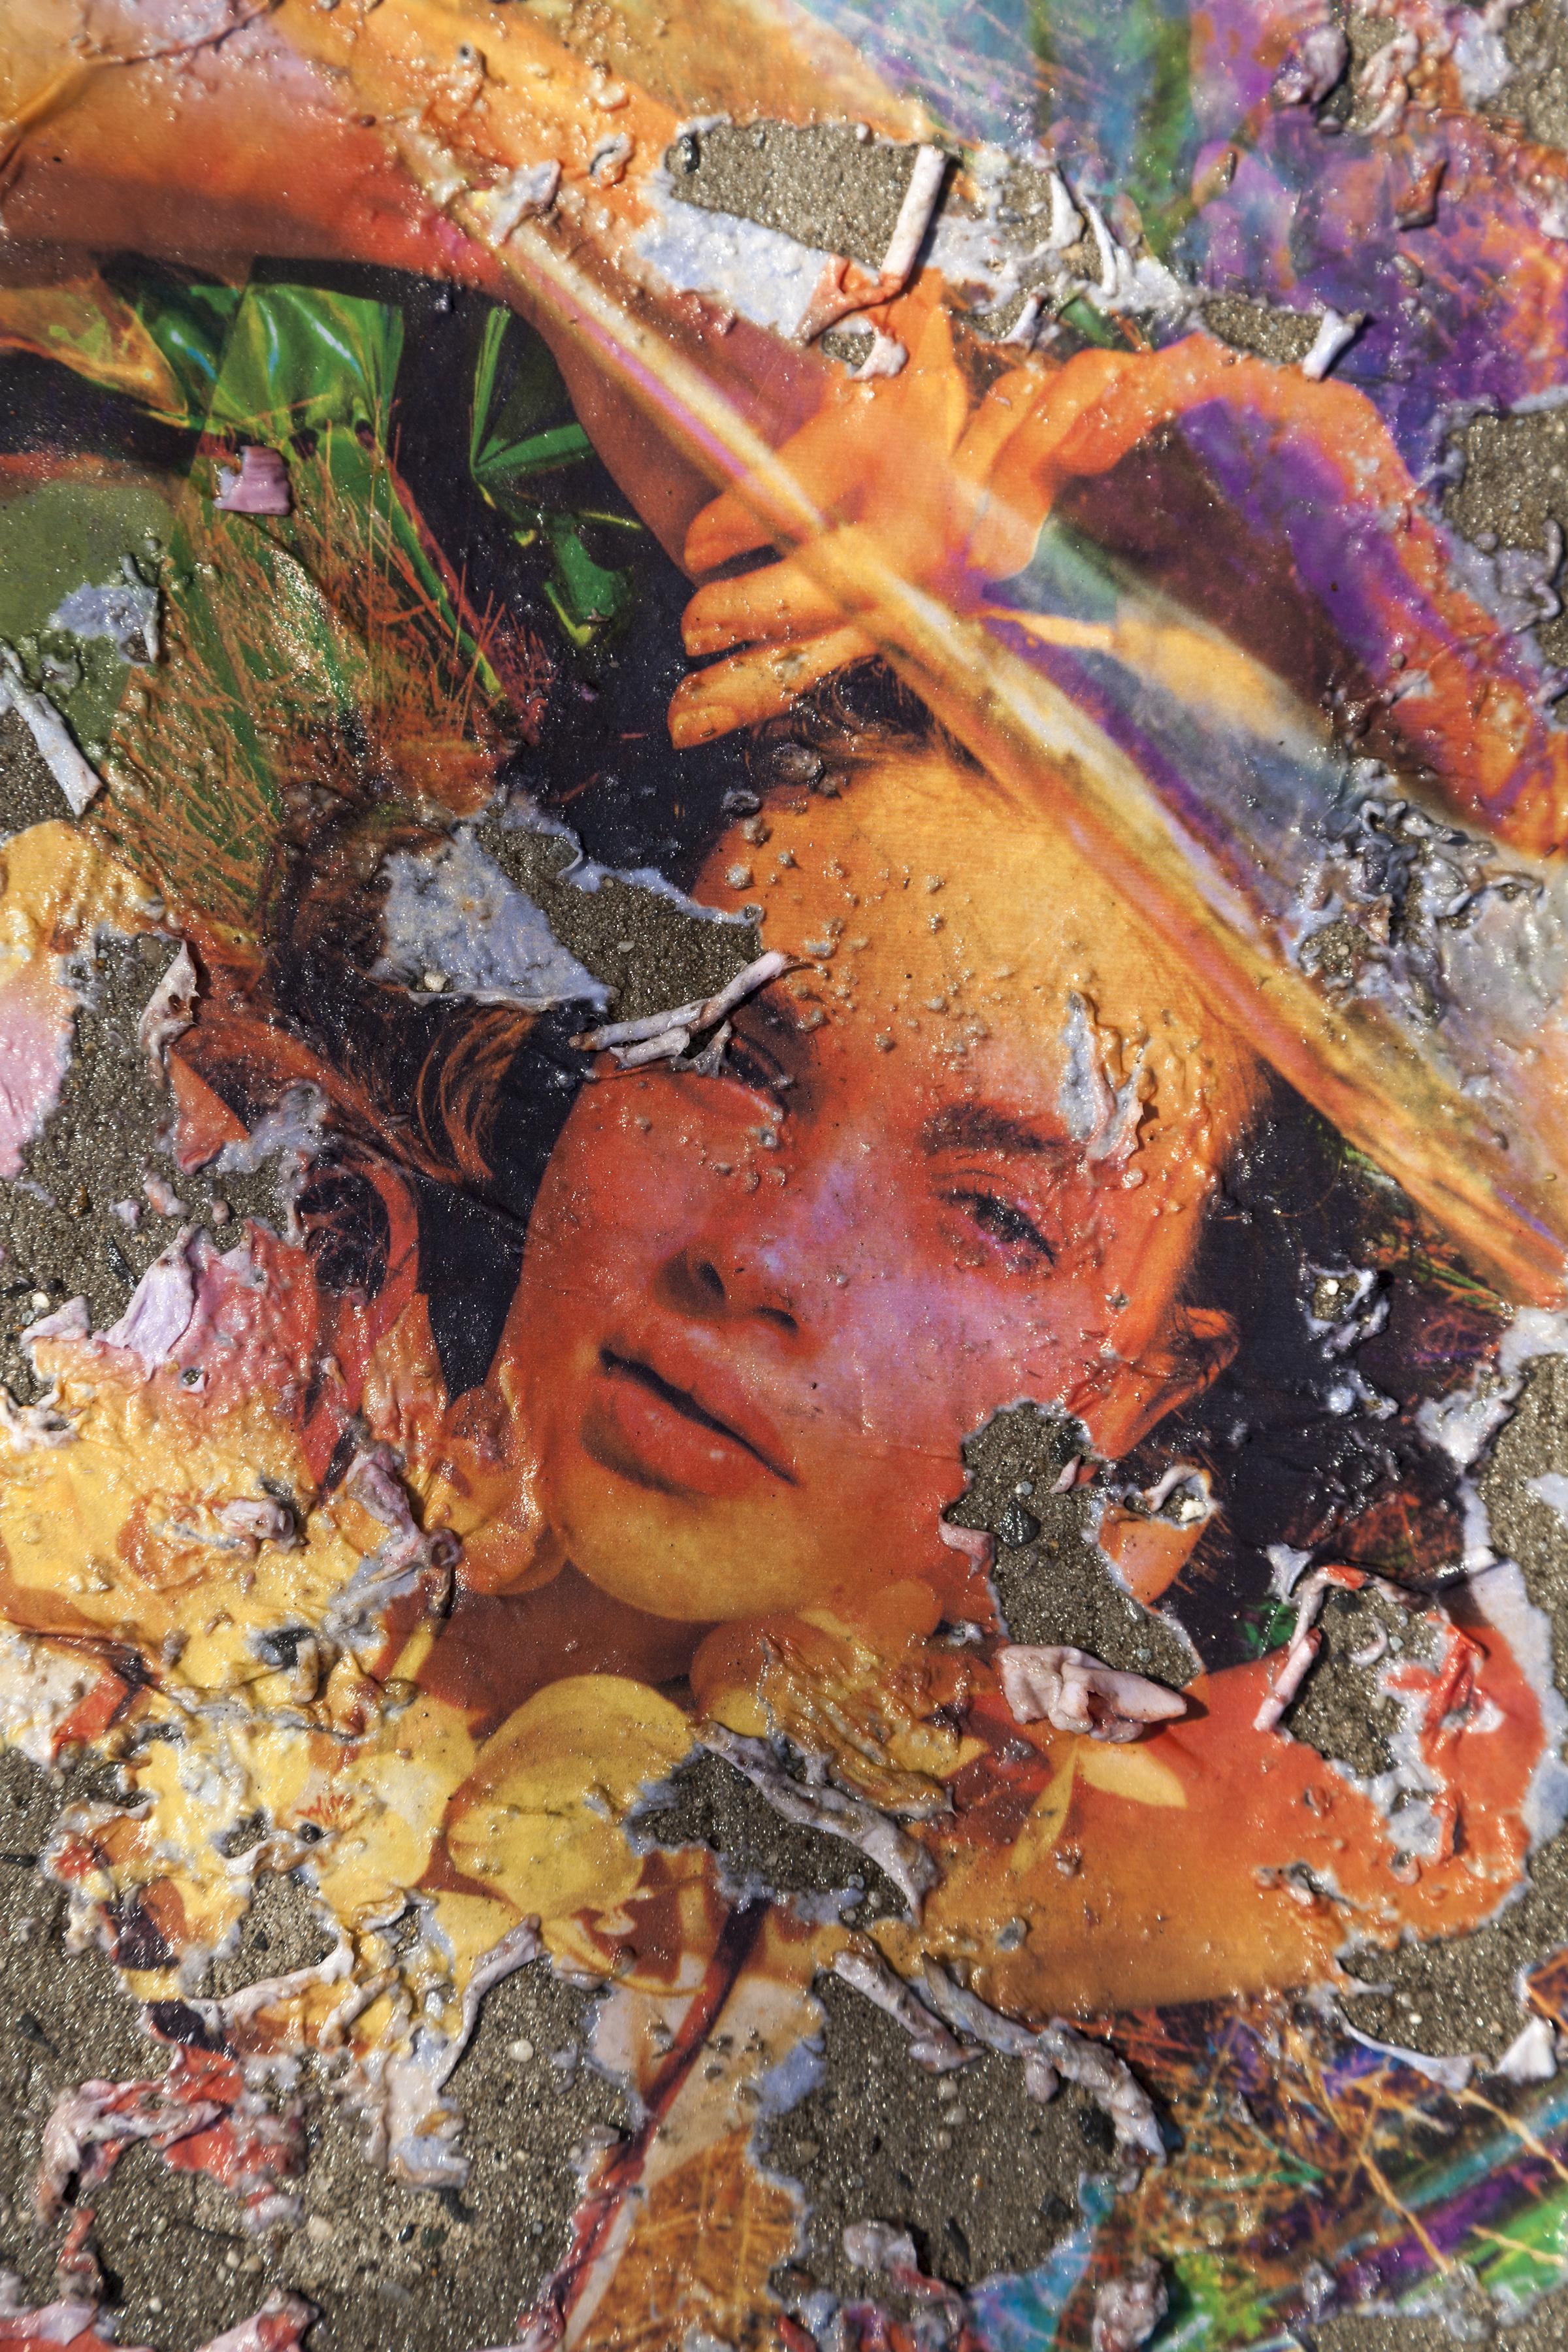 JT_Disintegration_09.jpg